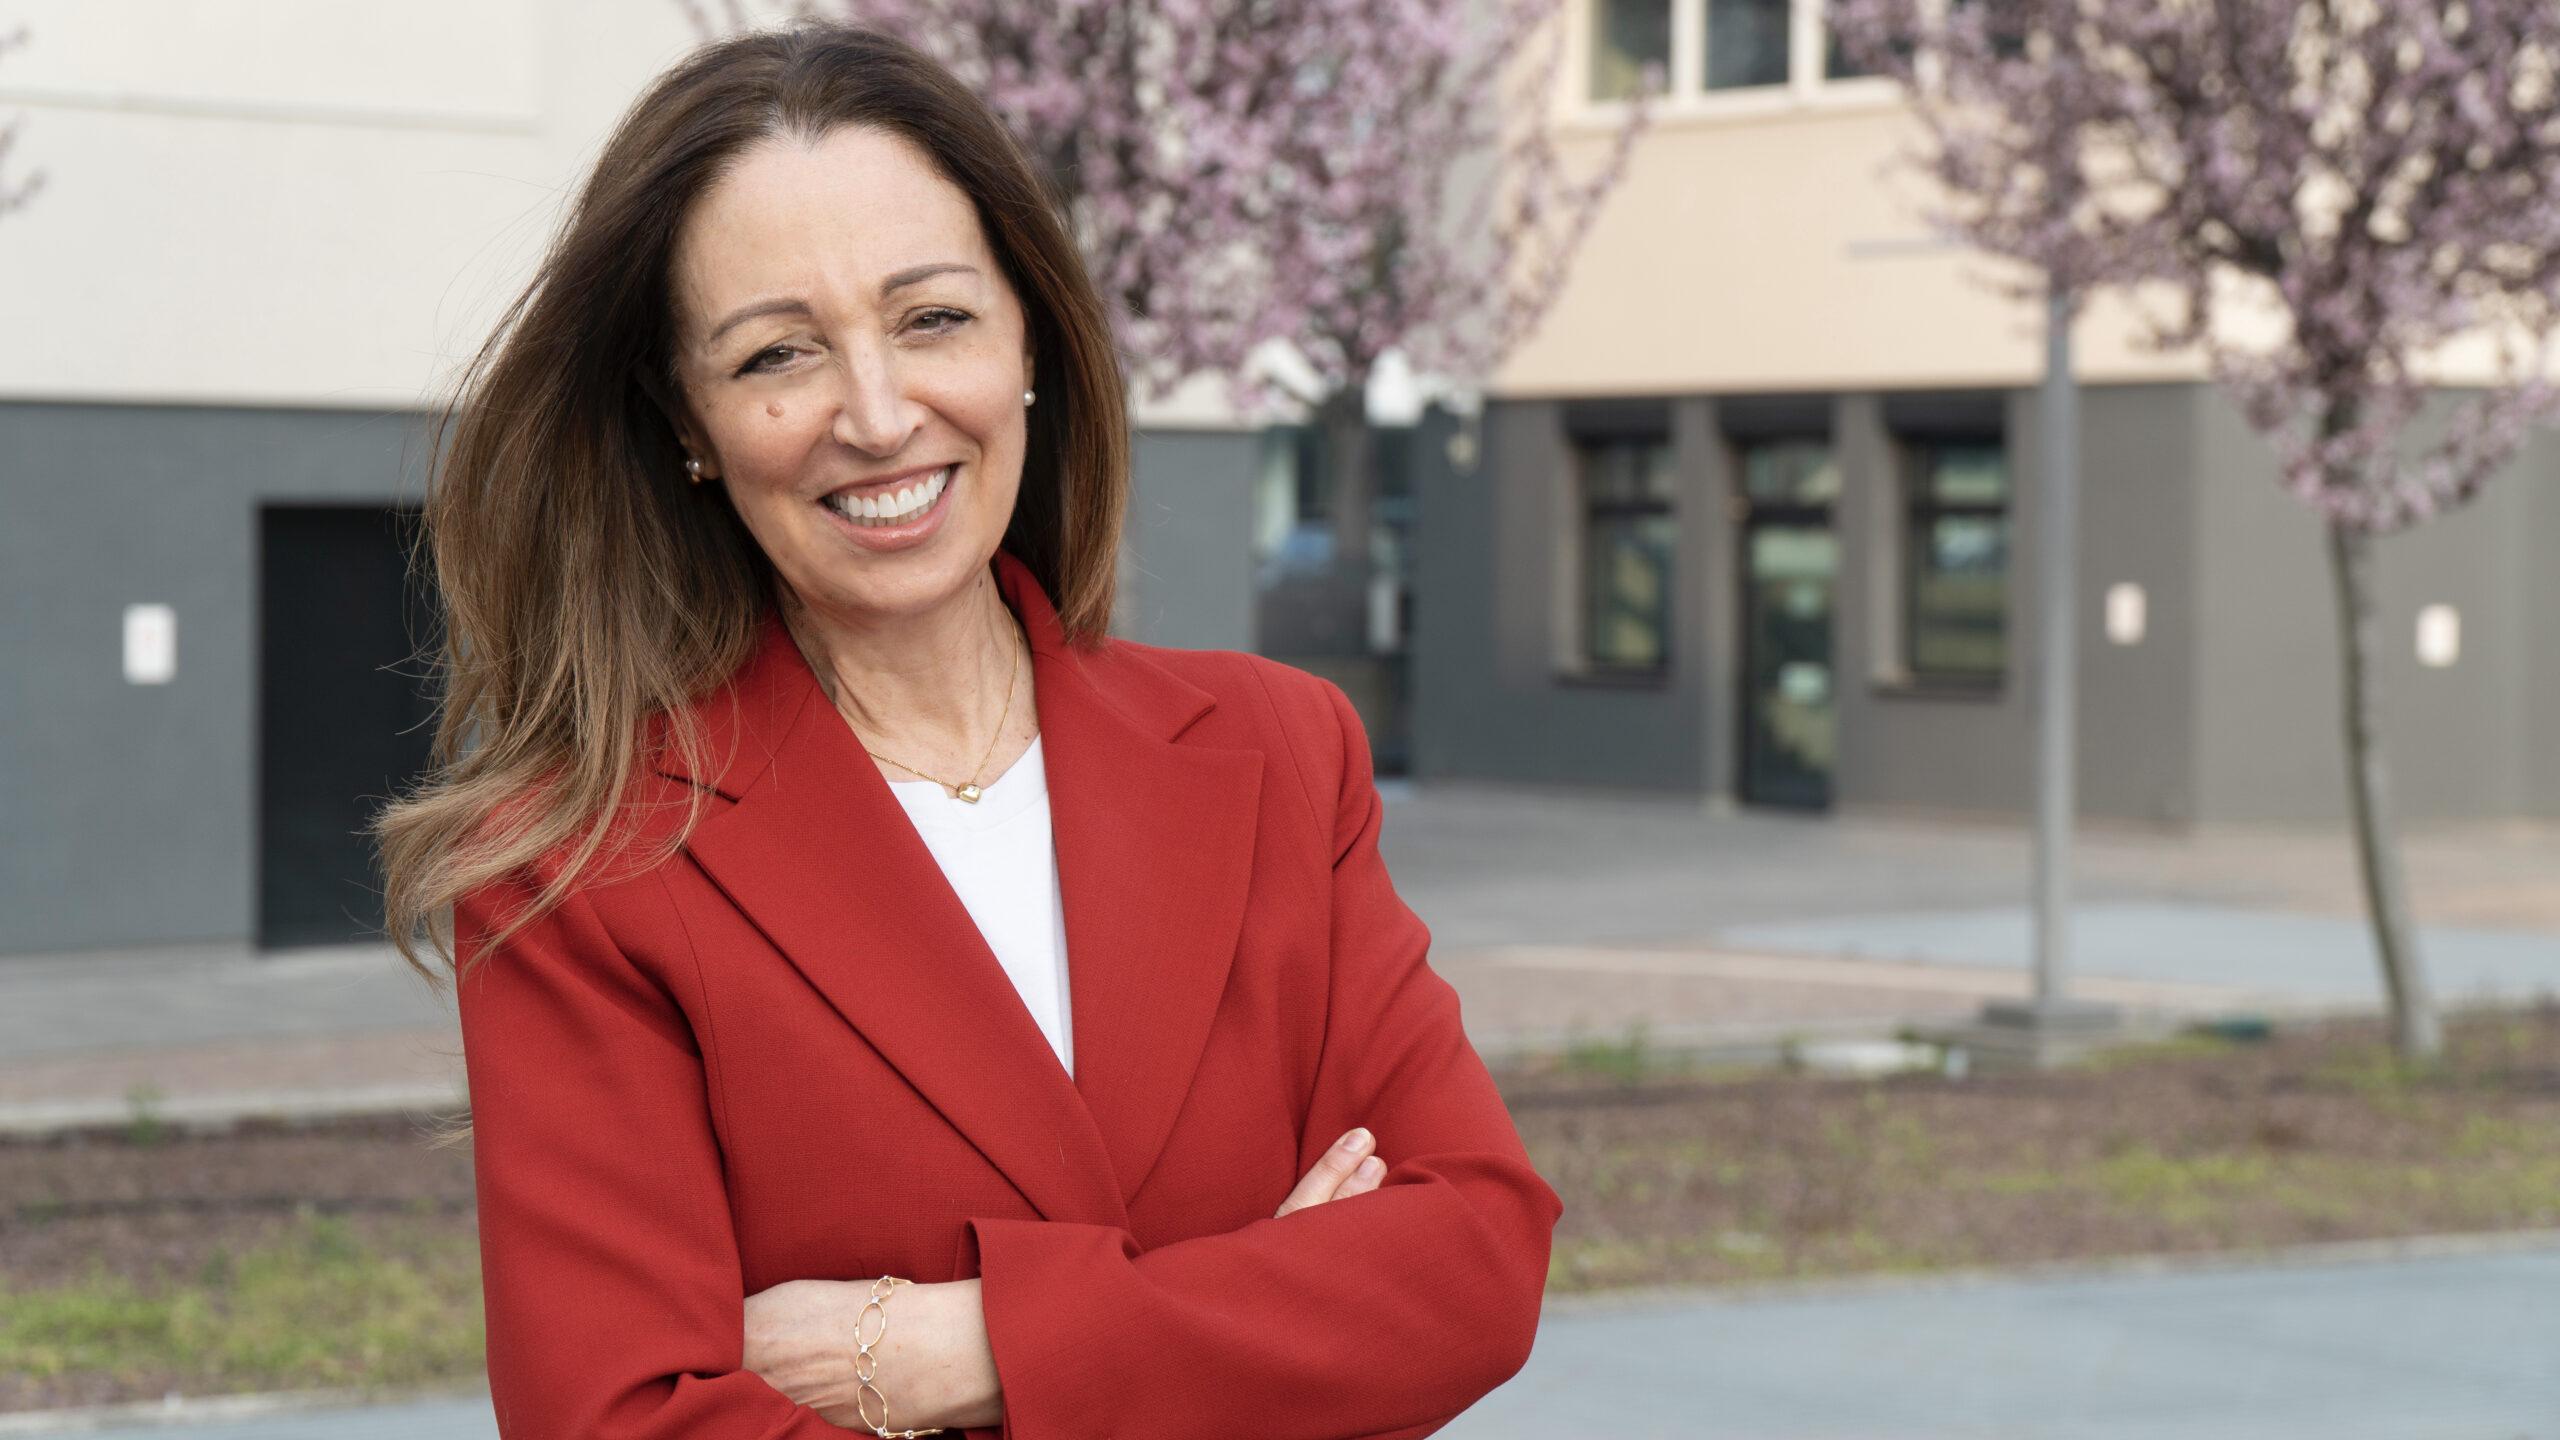 Daniela Mapelli, candidata alla carica di rettore dell'Università degli Studi di Padova (unipd) nelle elezioni 2021